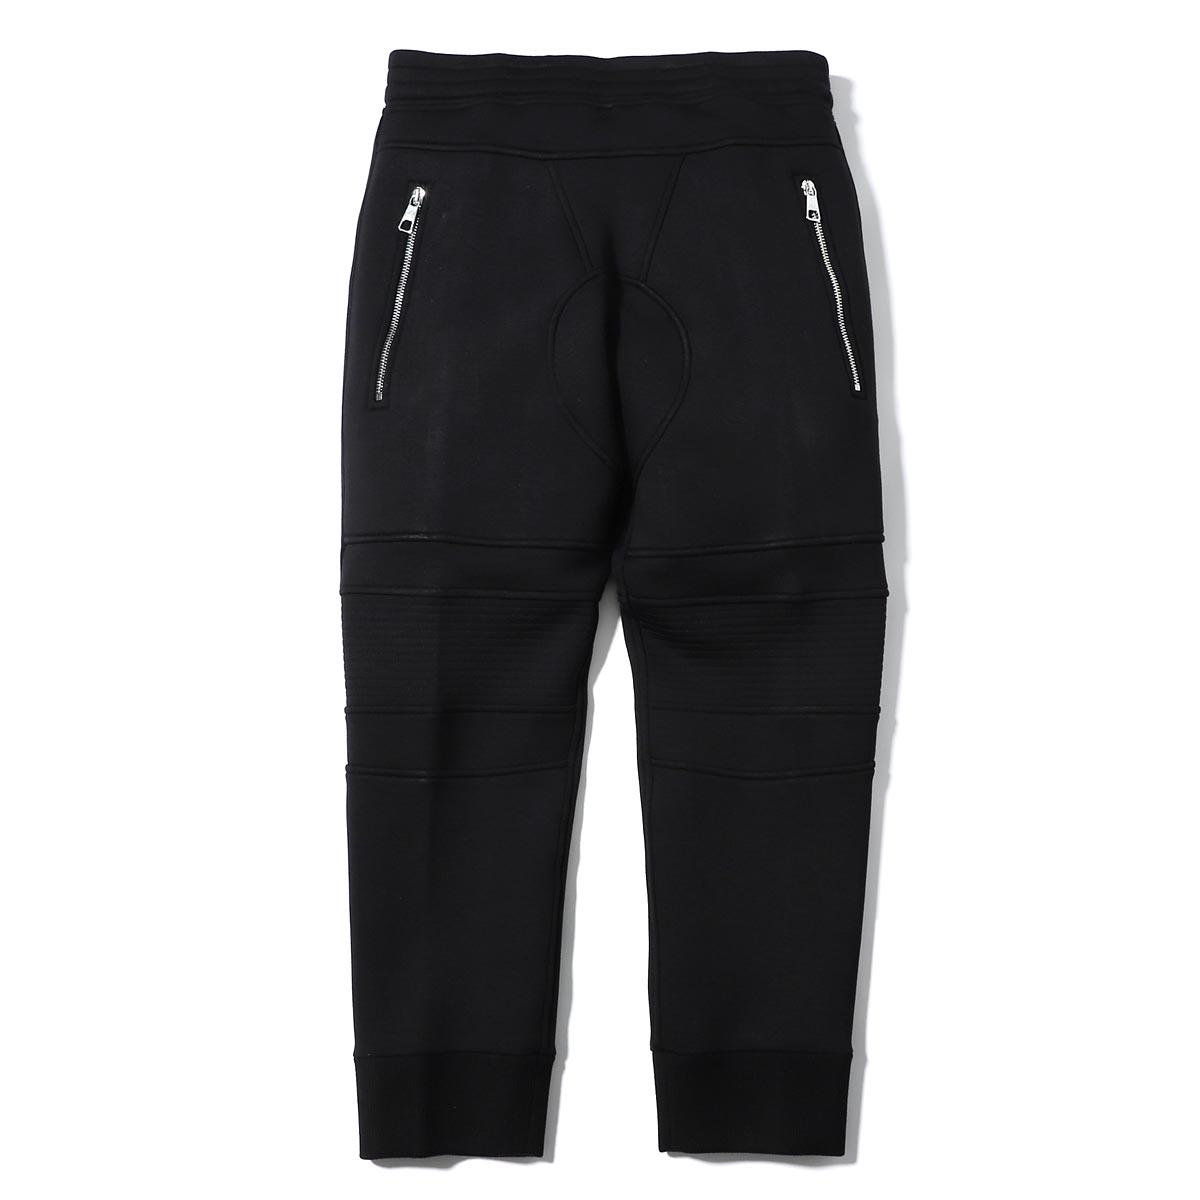 ニールバレット NeIL BarreTT スウェットパンツ ブラック メンズ pbjp197bh n500c 0101 CROPPED TRACK PANTS【あす楽対応_関東】【返品送料無料】【ラッピング無料】